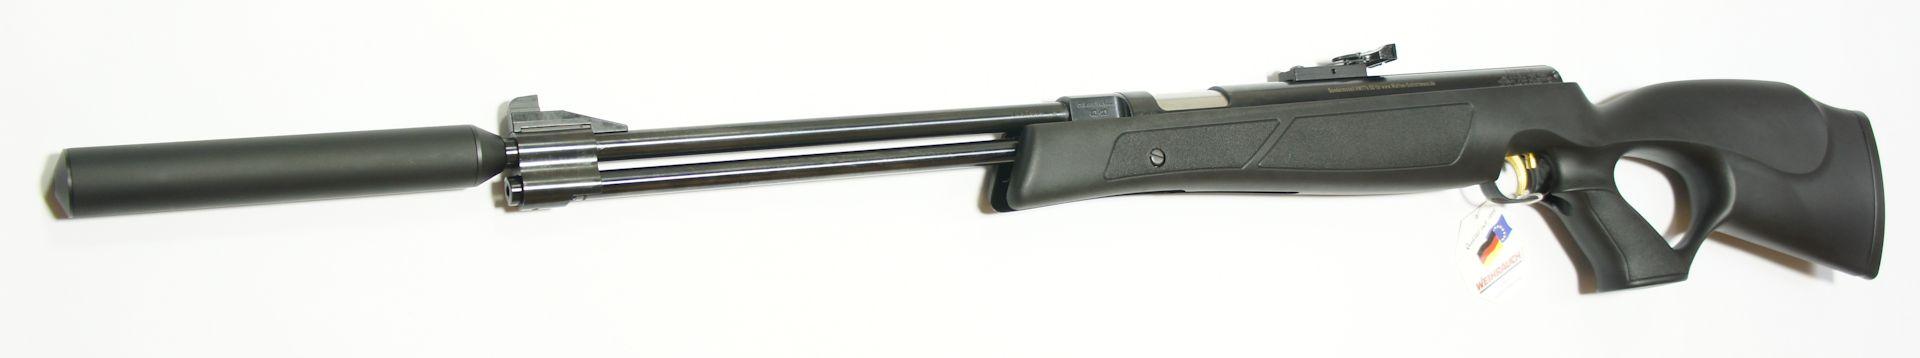 Luftgewehr HW 77K-sd im Kaliber 5,5mm mit Kunststoffschaft